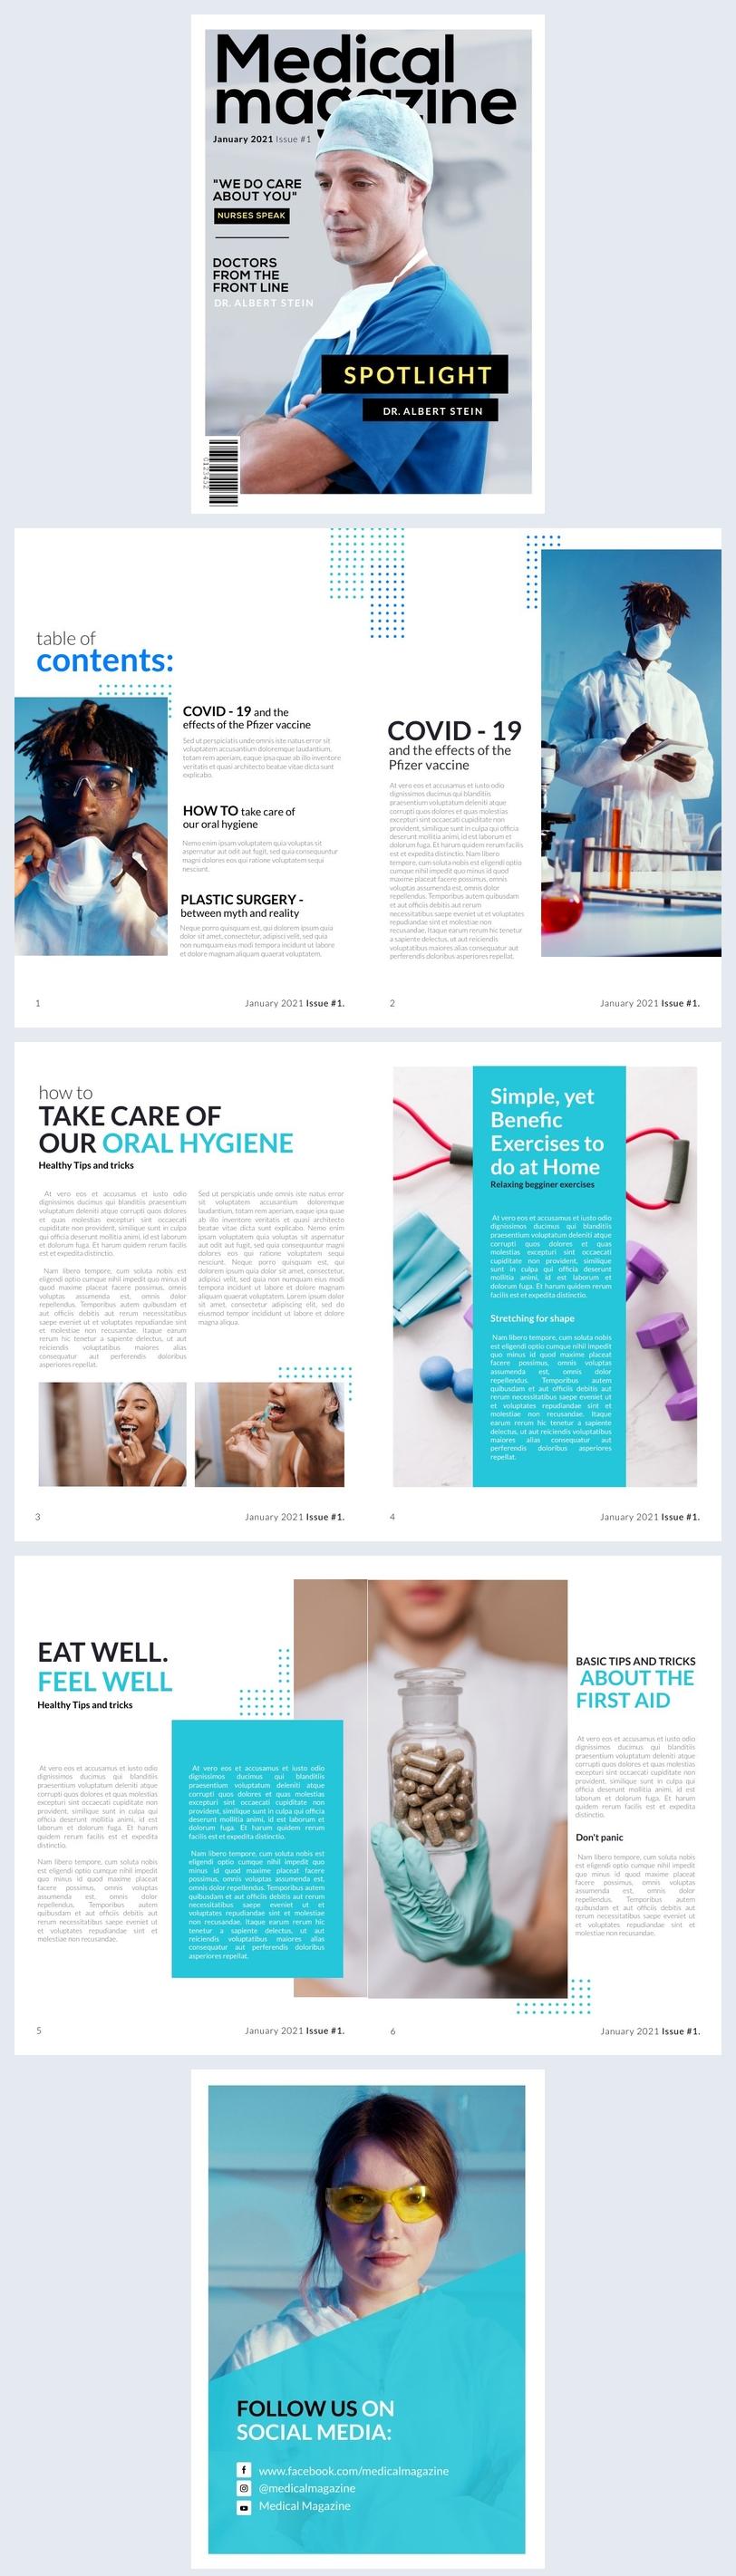 Exemplo de Design de Revista Médica Profissional